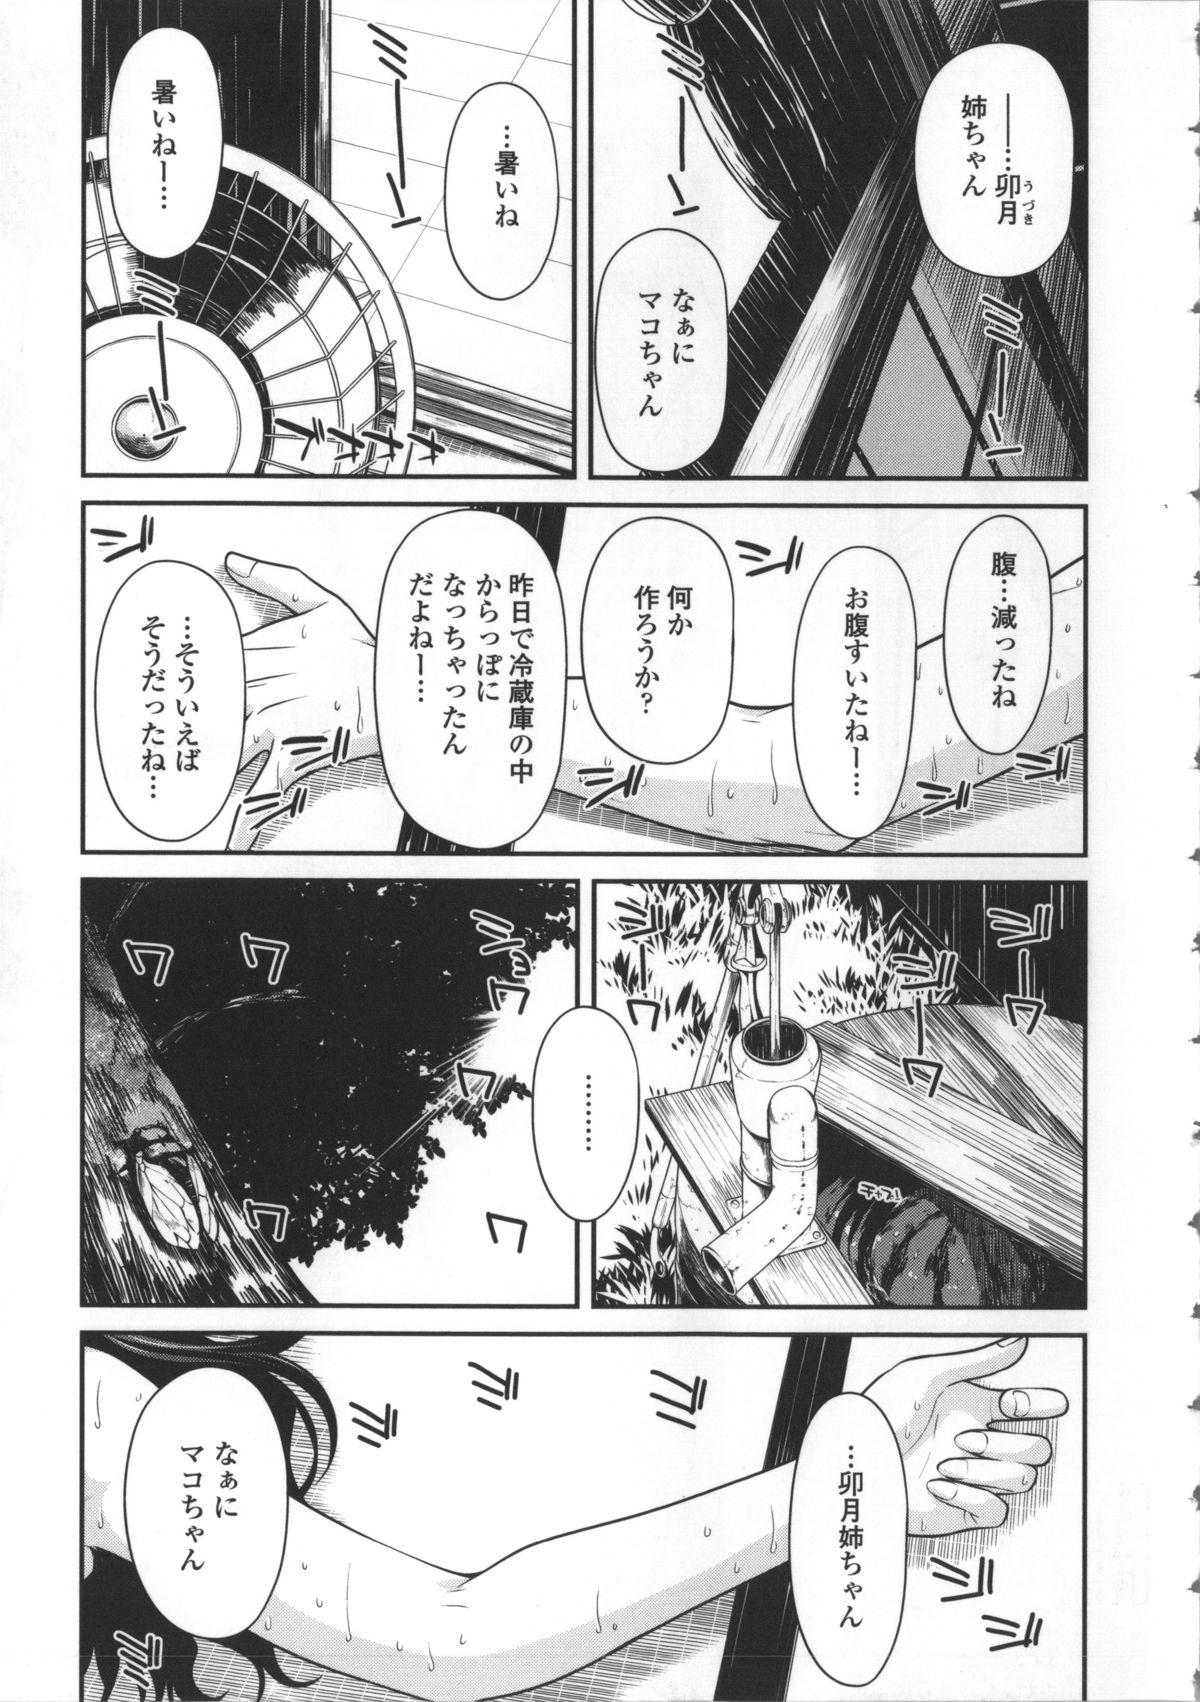 Yamato Nadeshiko Breast Changes 108